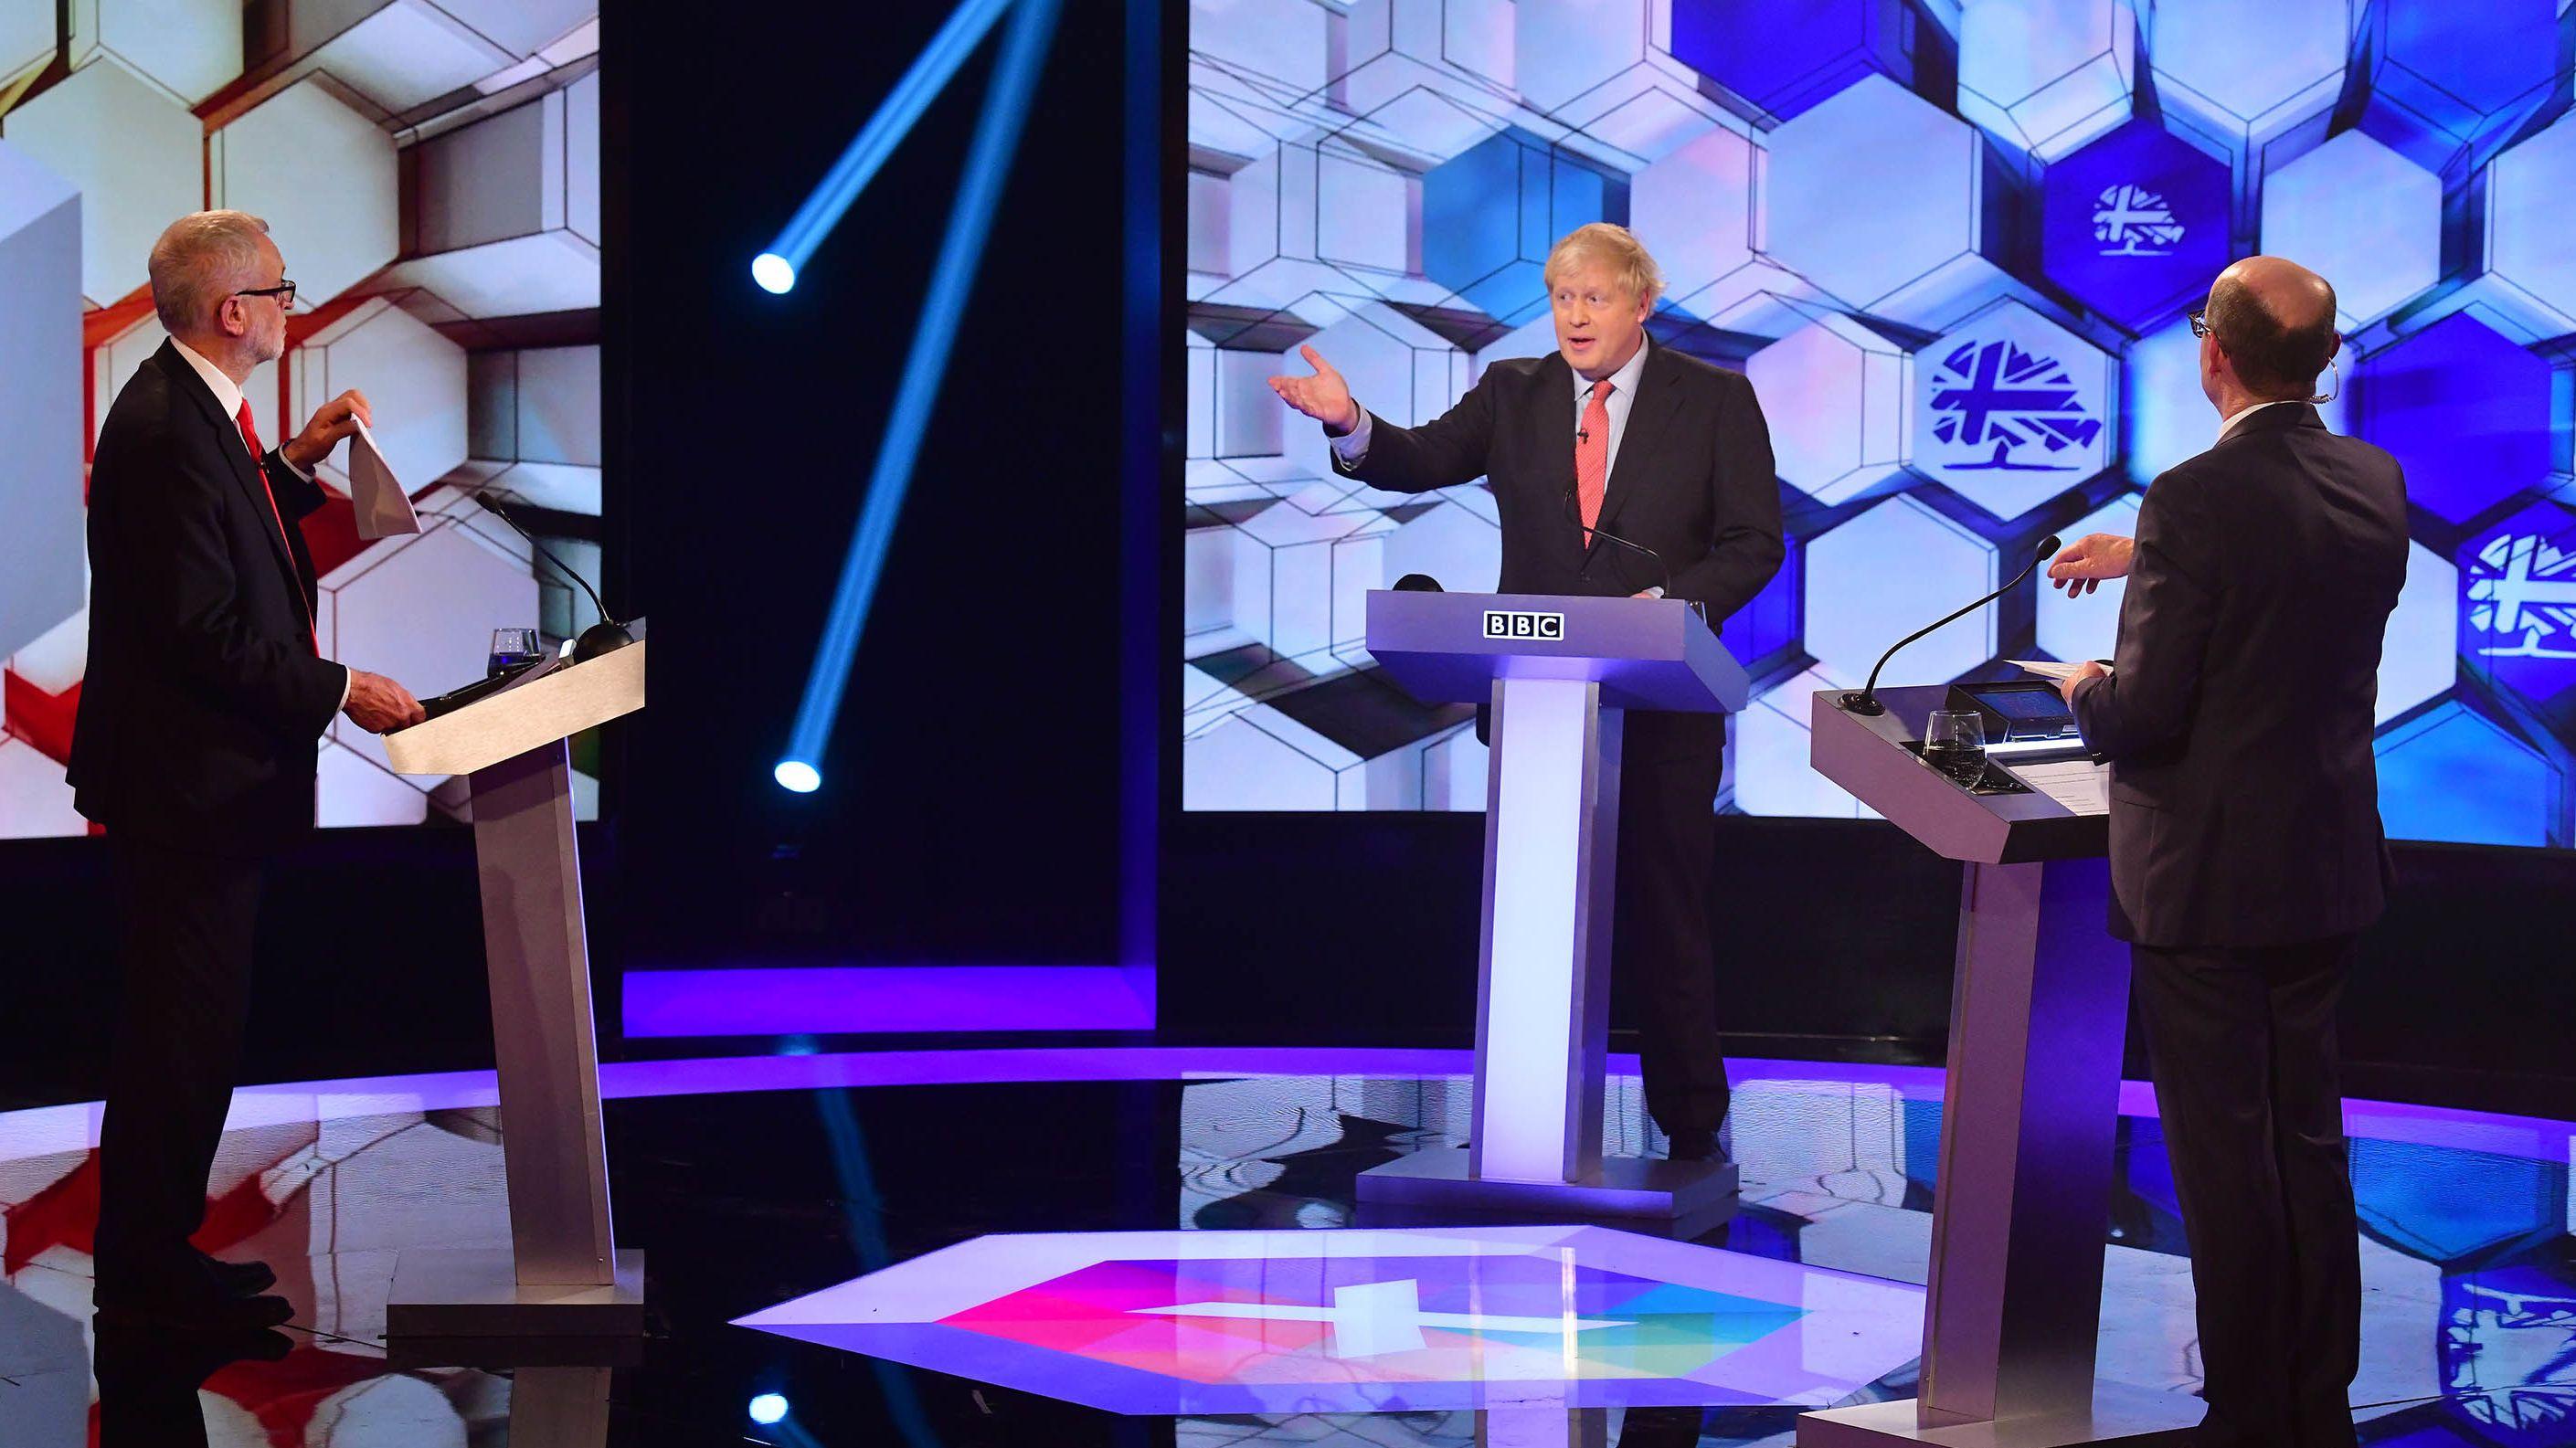 Premierminister  Boris Johnson (mitte) und der Vorsitzende der Labor Party Jeremy Corbyn (links) im Fernsehduell.